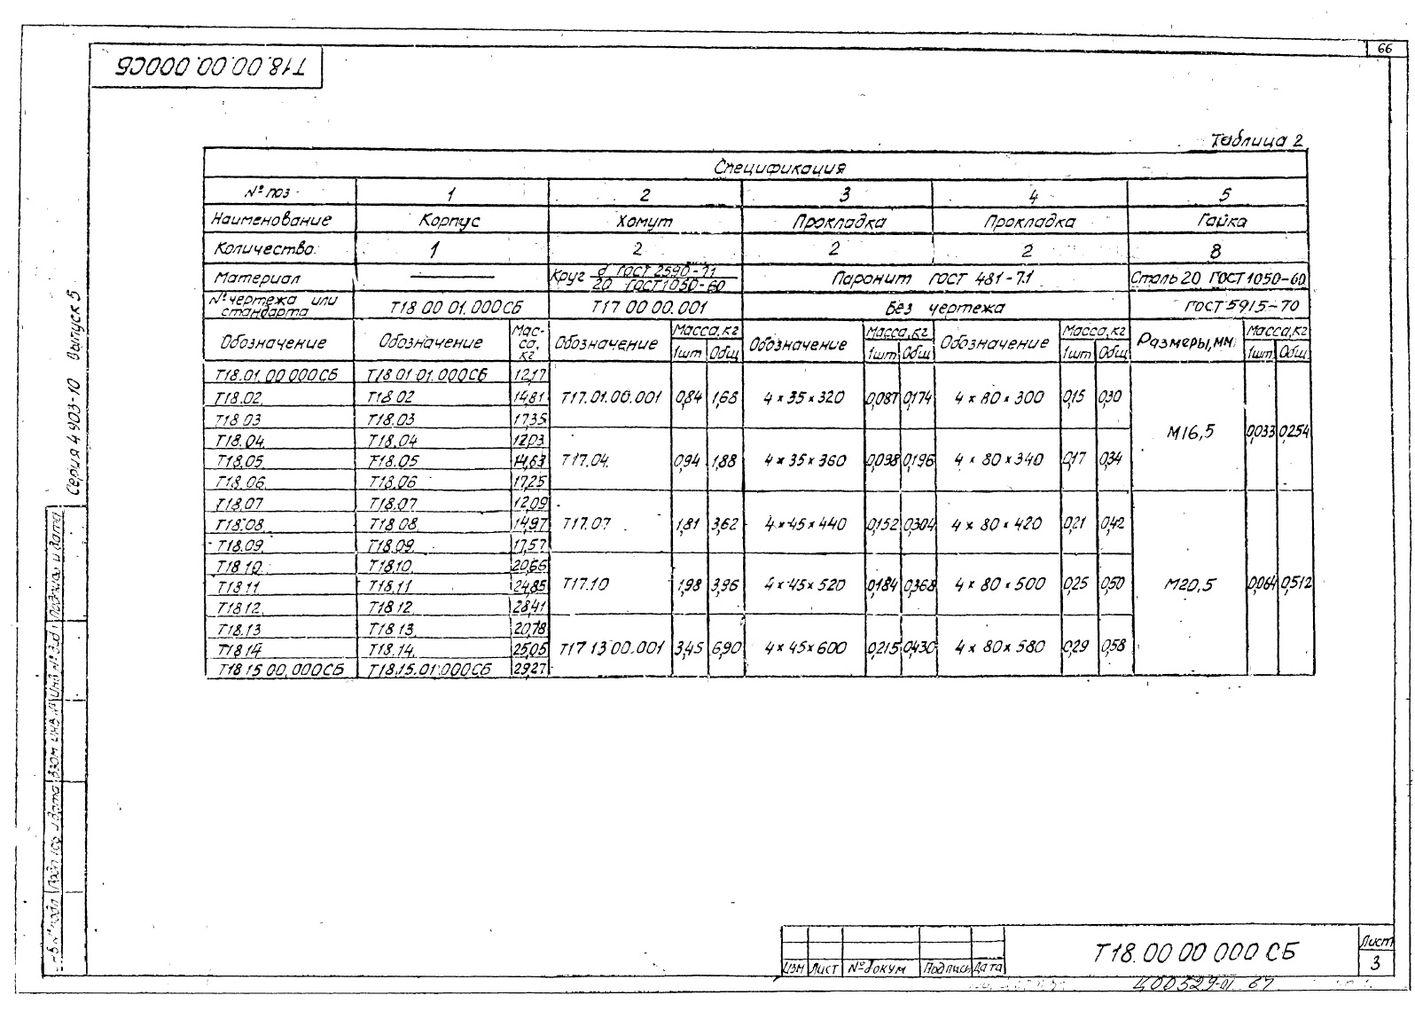 Опоры скользящие диэлектрические Т18 серия 4.903-10 вып.5 стр.3